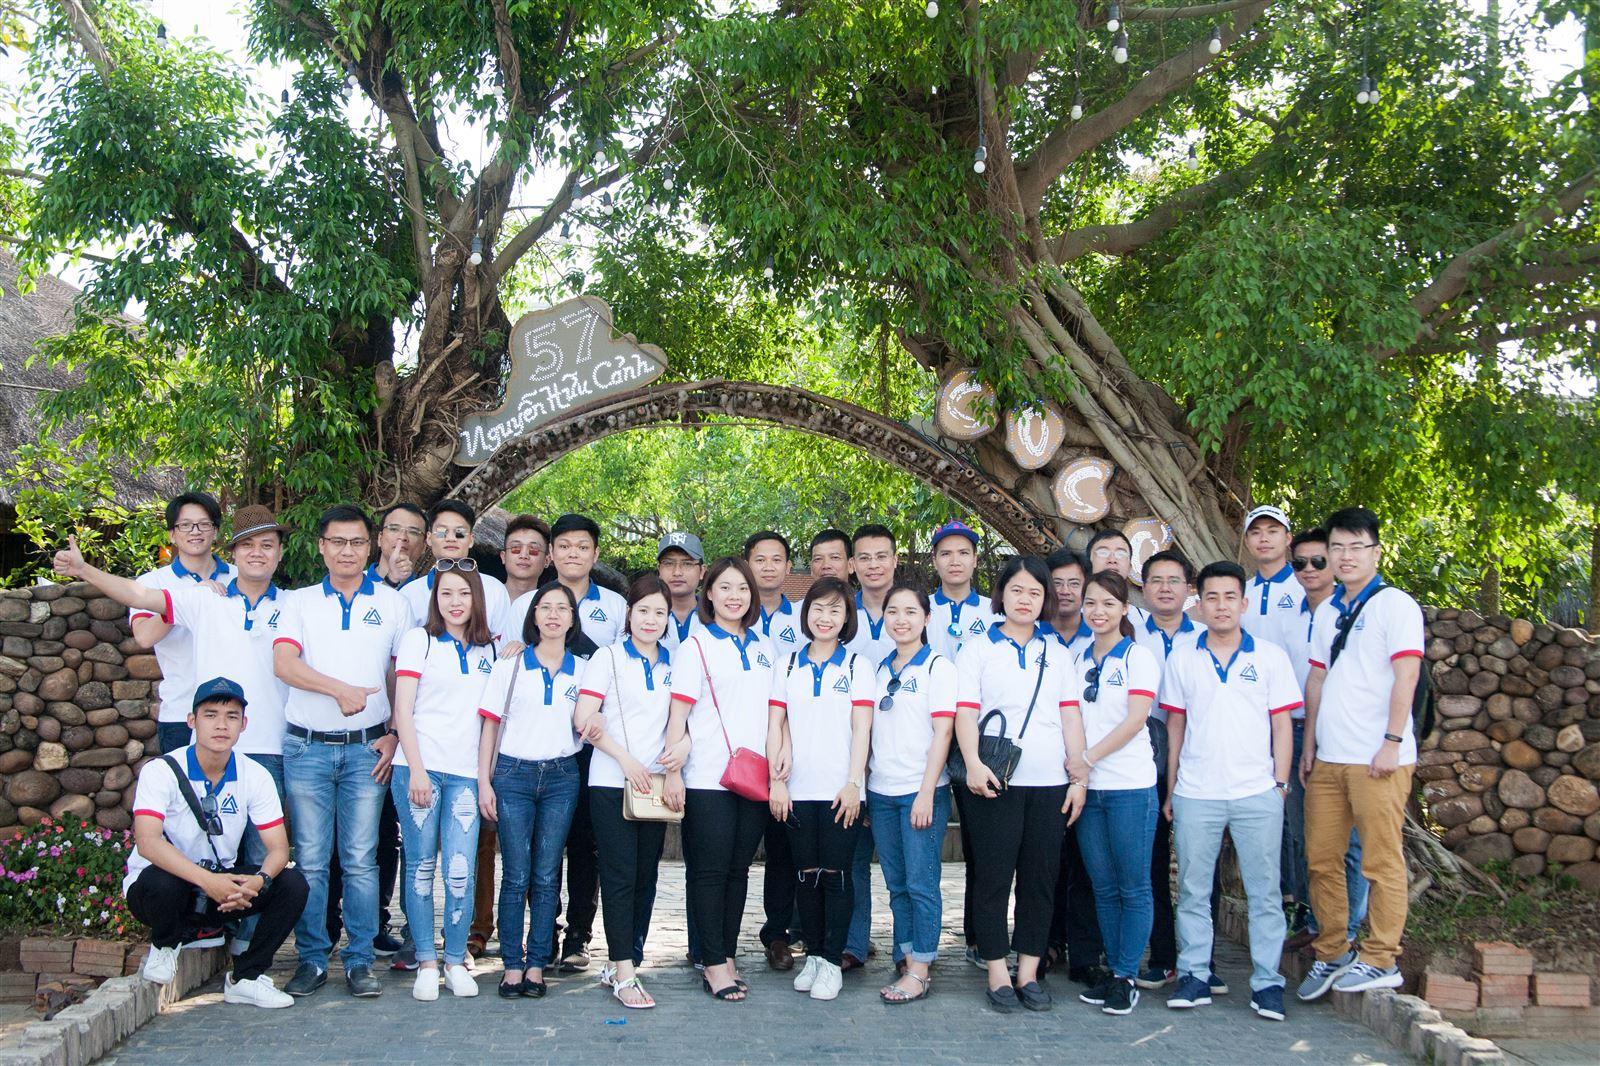 Du lịch Quảng Bình 2018